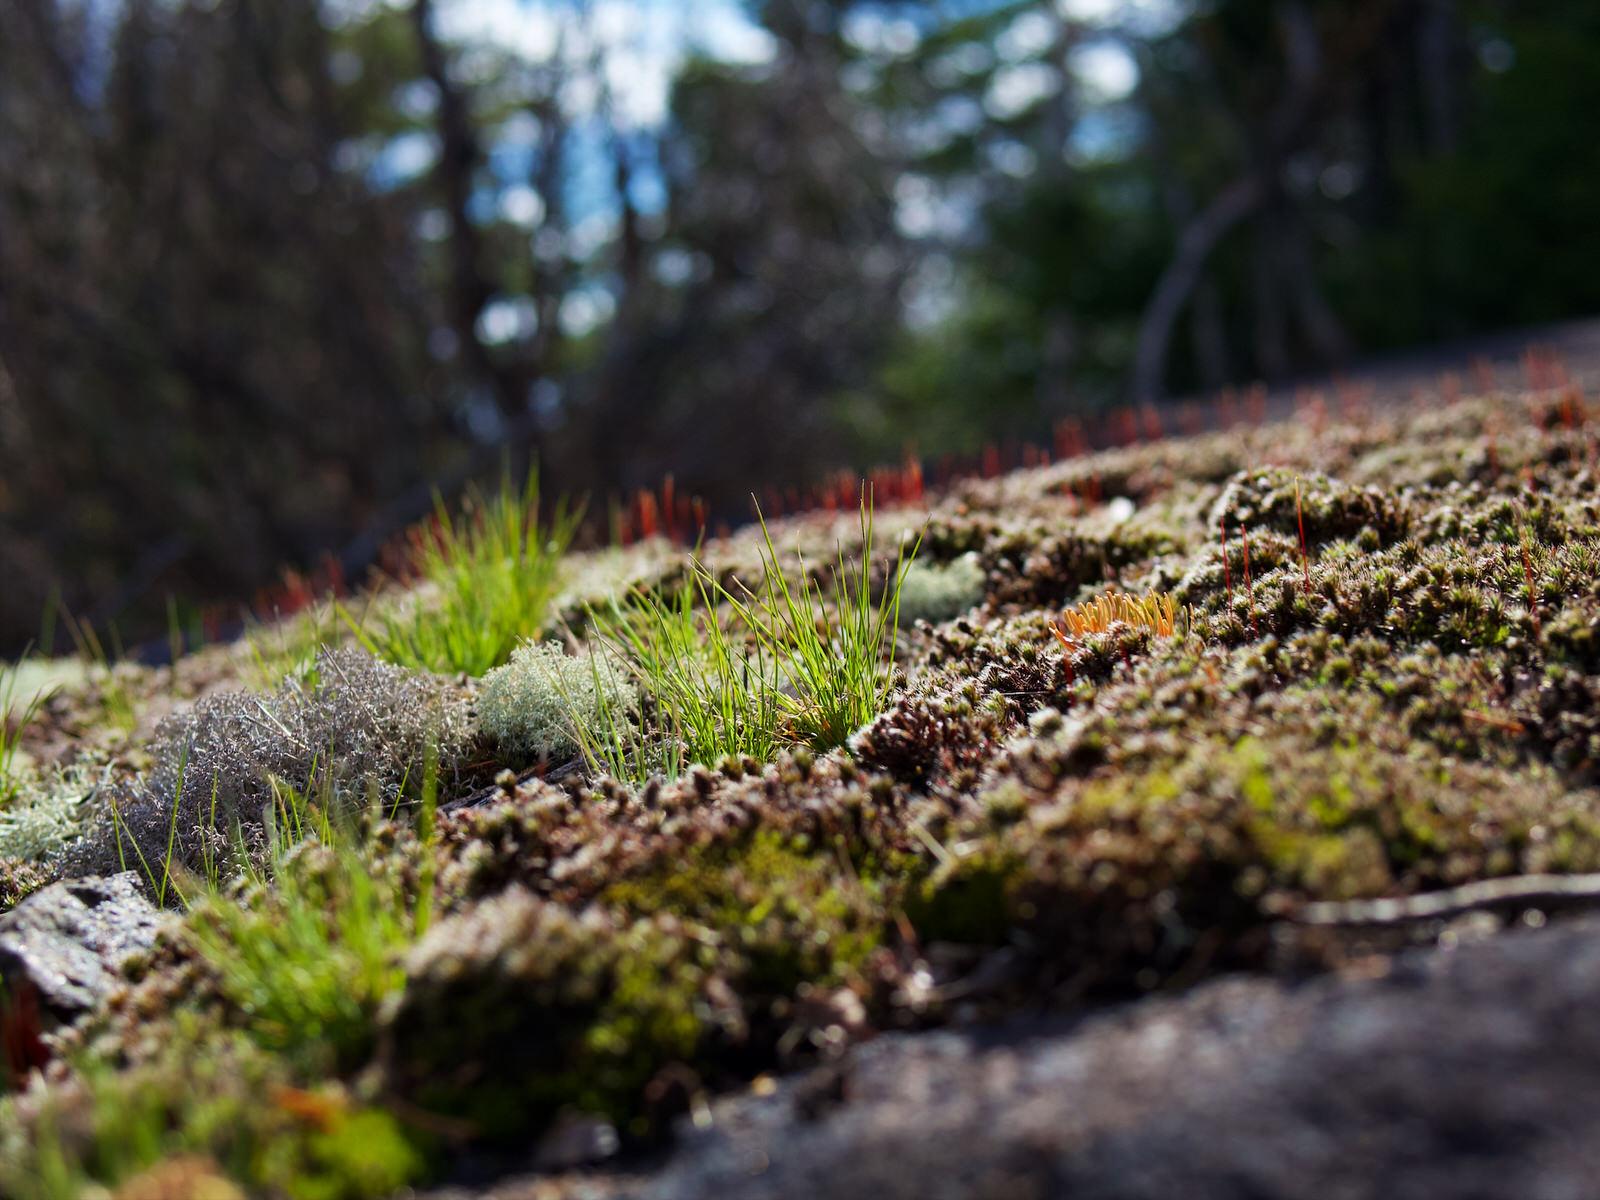 Des lichens sur un rocher